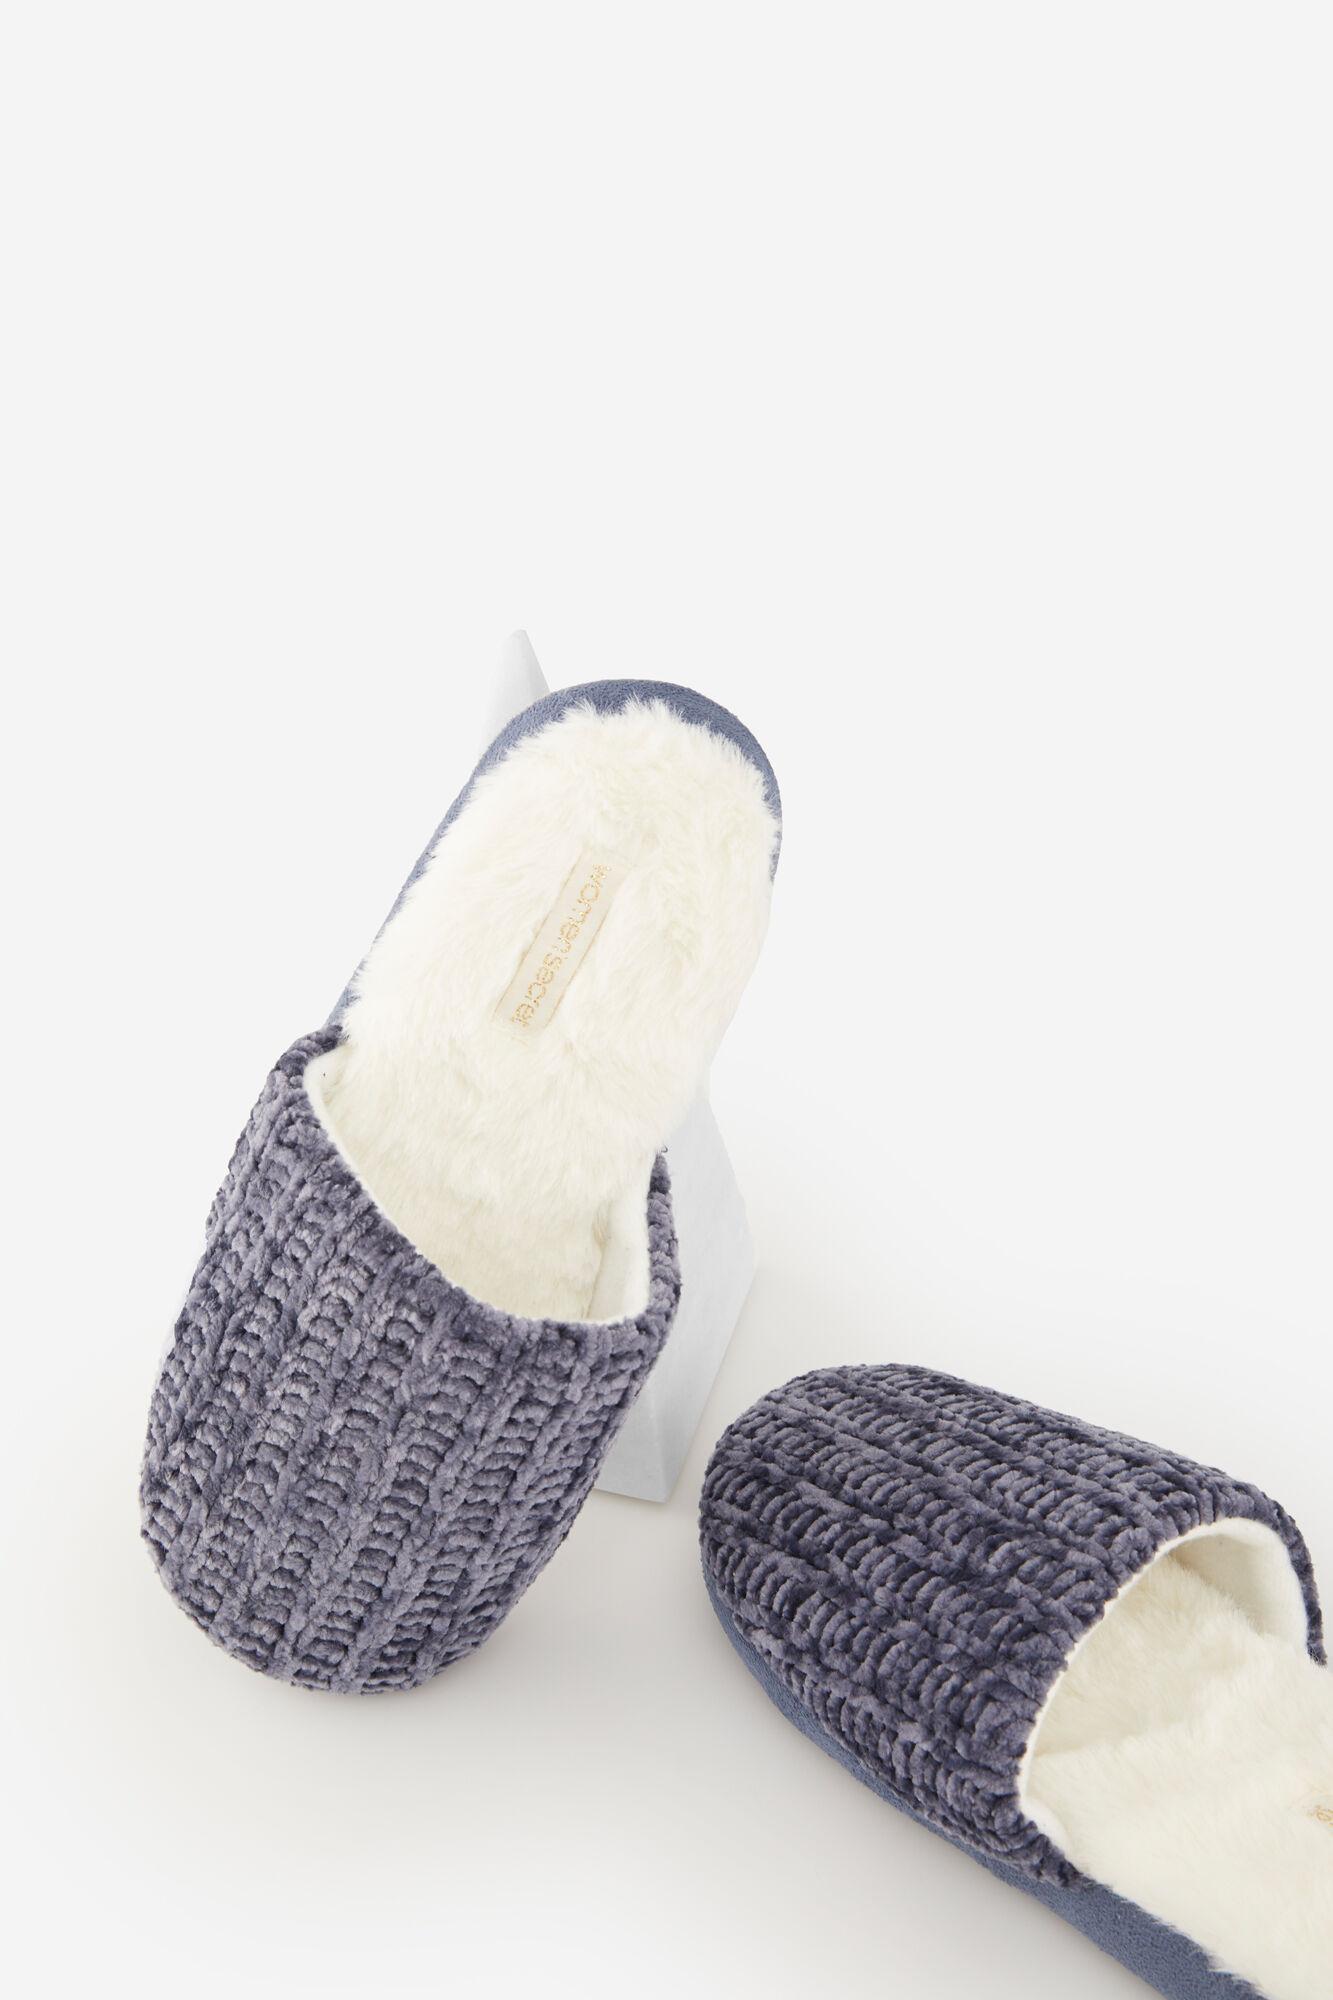 nueva lanzamiento varios estilos ahorre hasta 80% Zapatillas casa chenilla